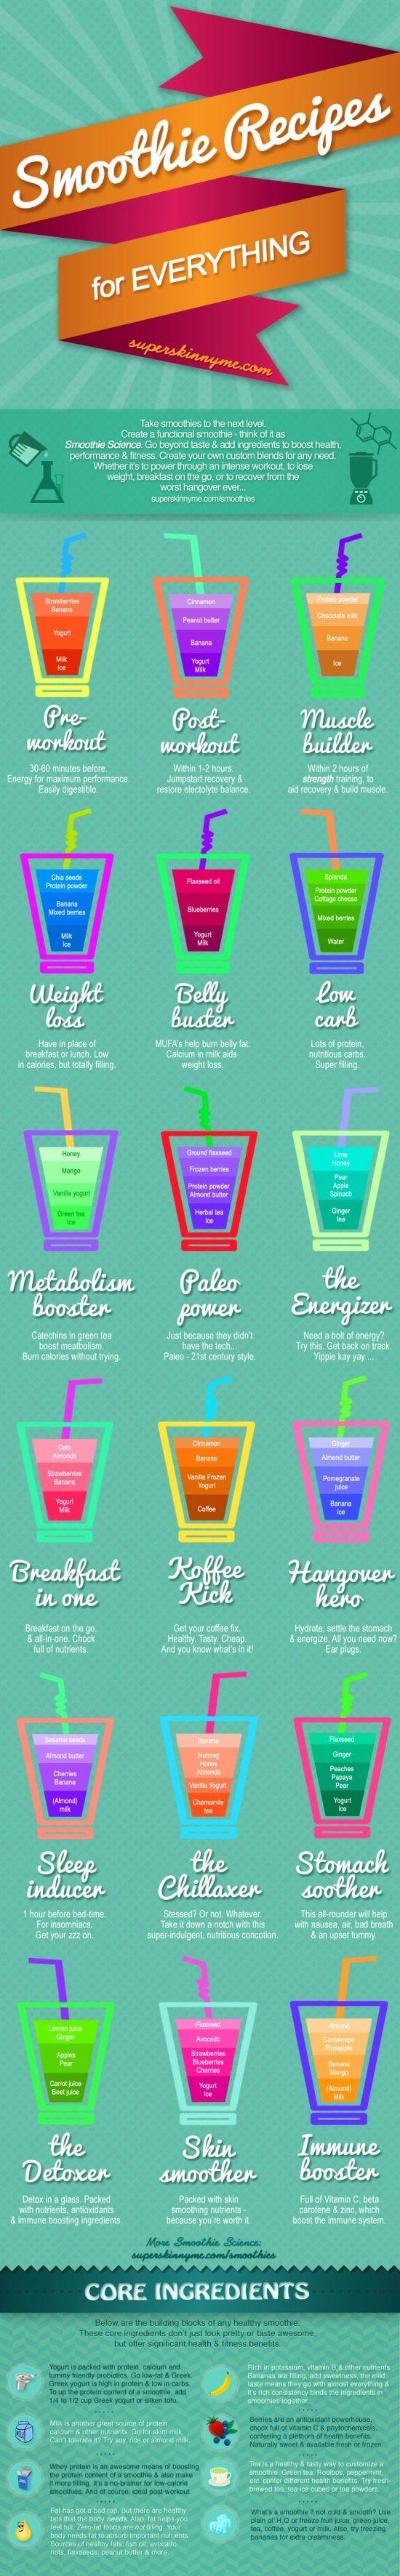 Infografía: Cómo preparar smoothies y jugos para la resaca, sueño, subir, bajar de peso y más